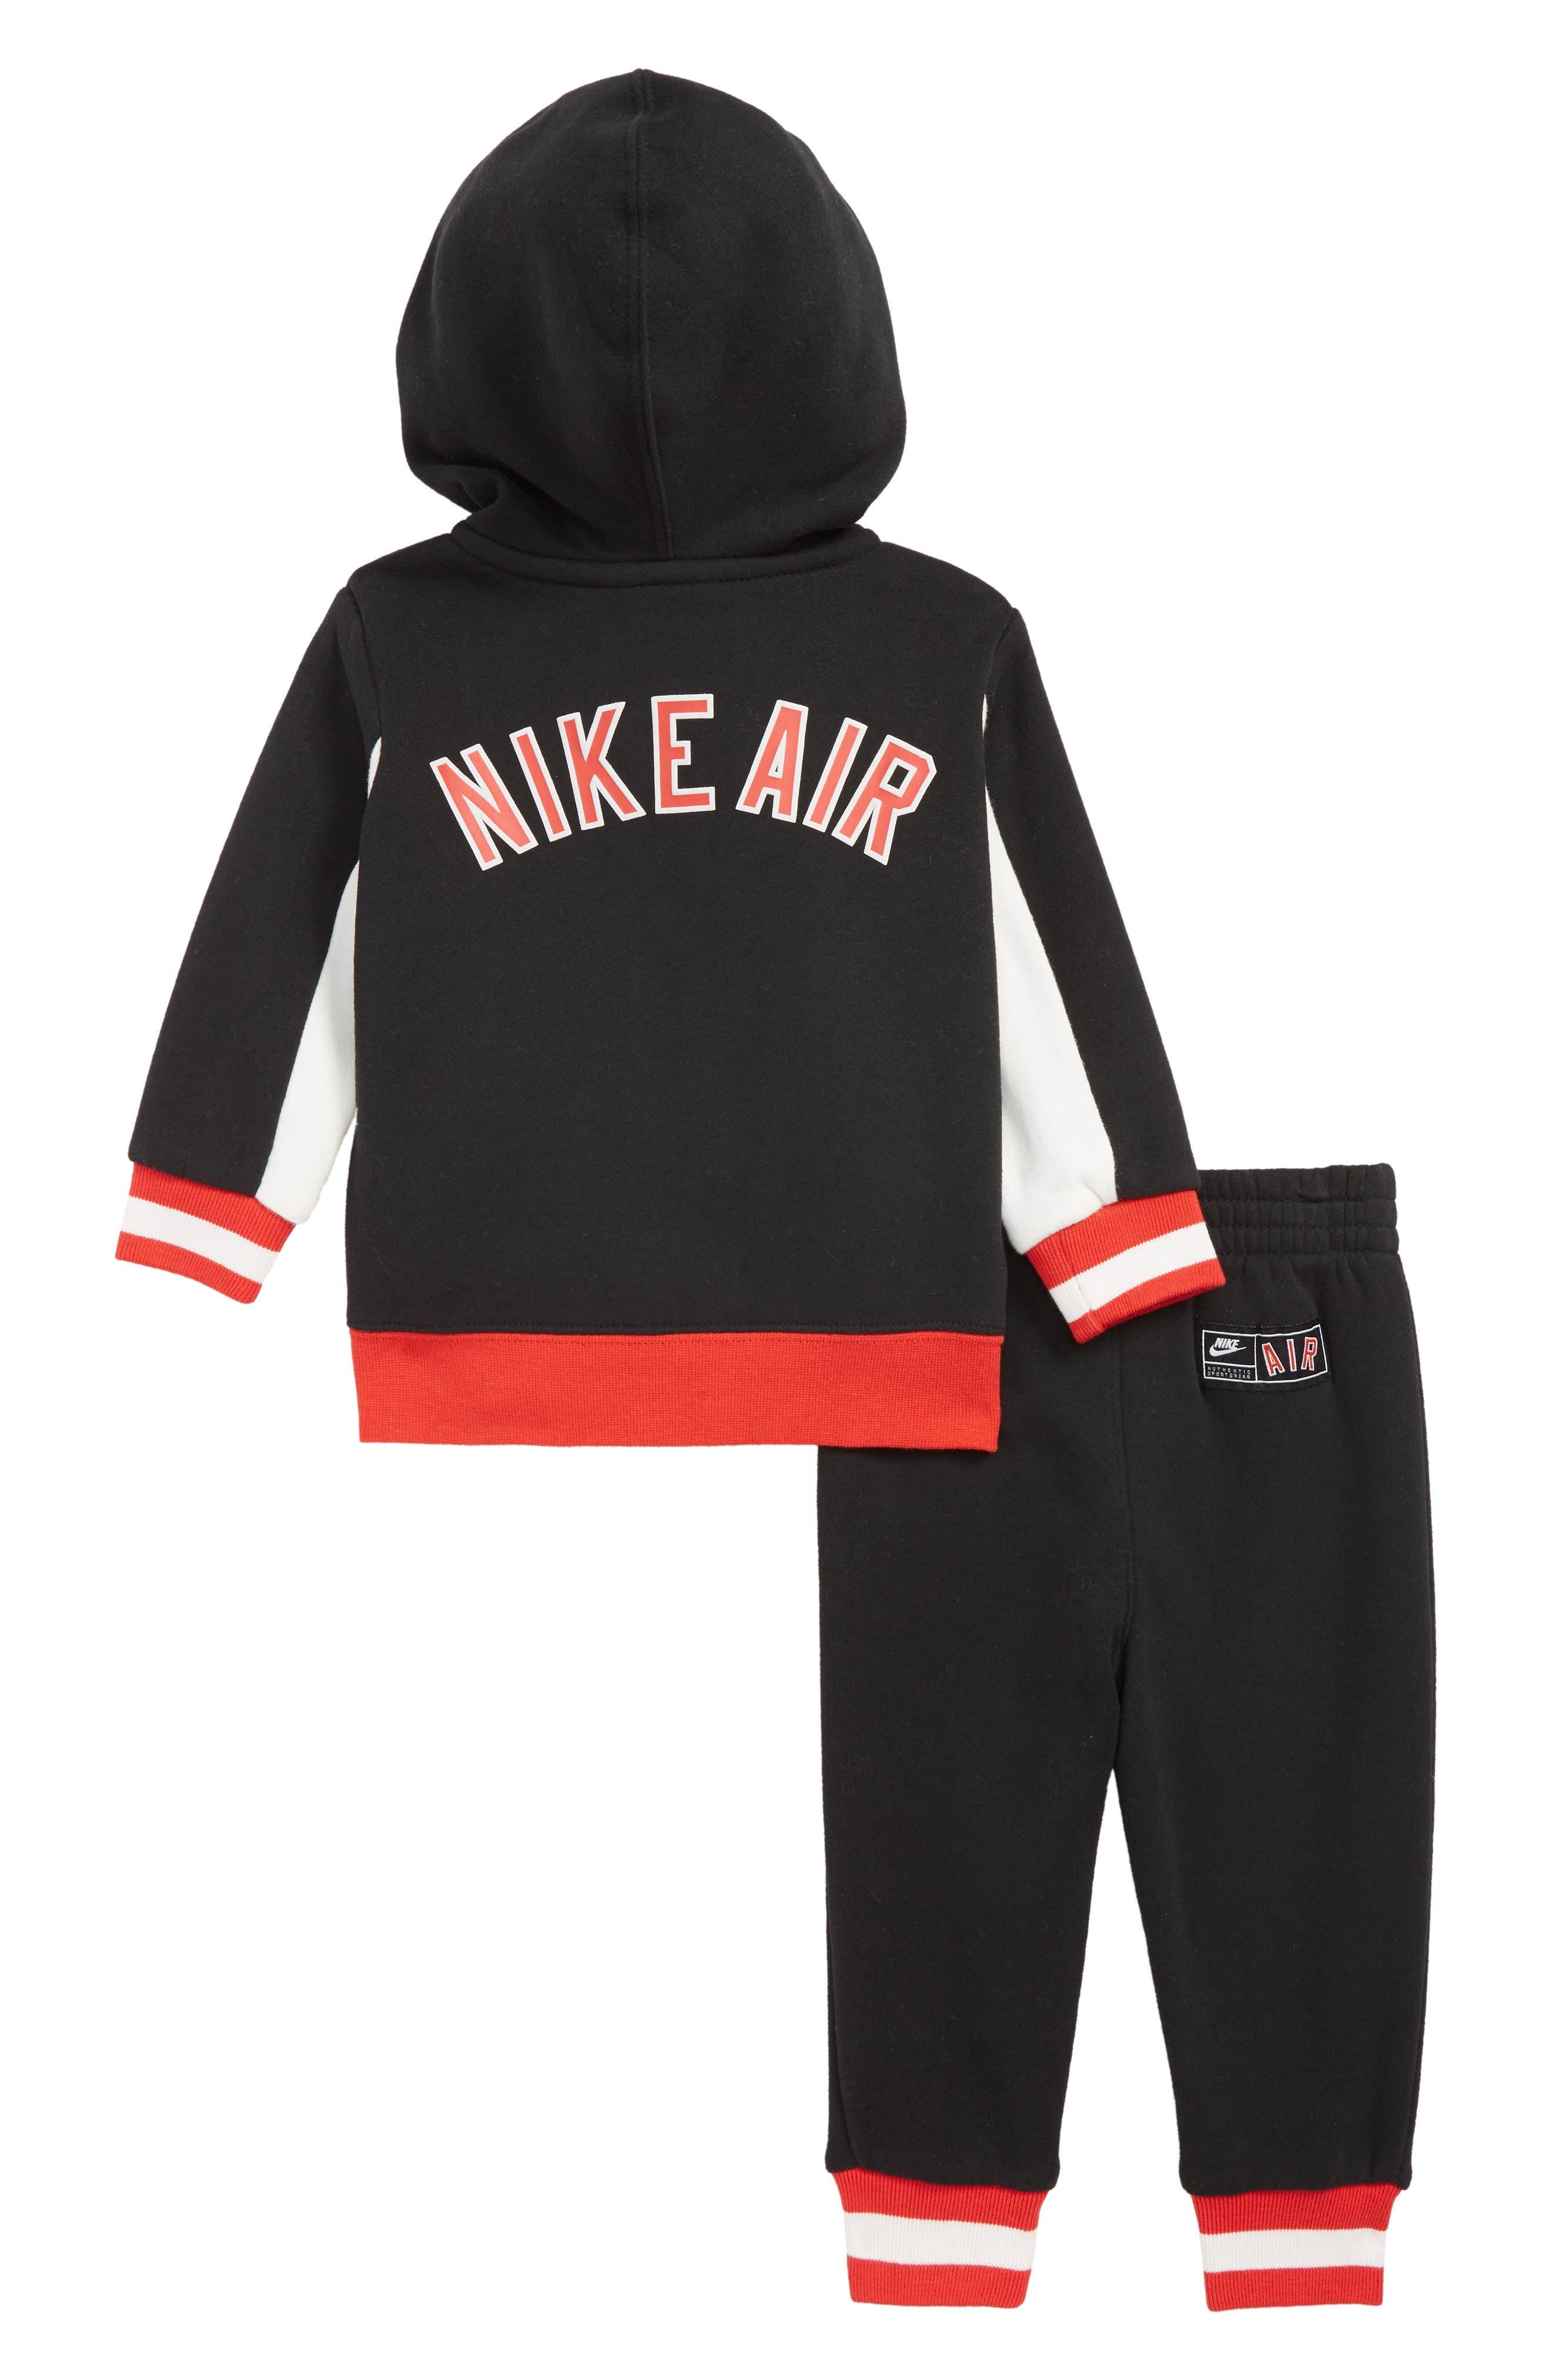 5052f26079f8 Nike Baby Clothing